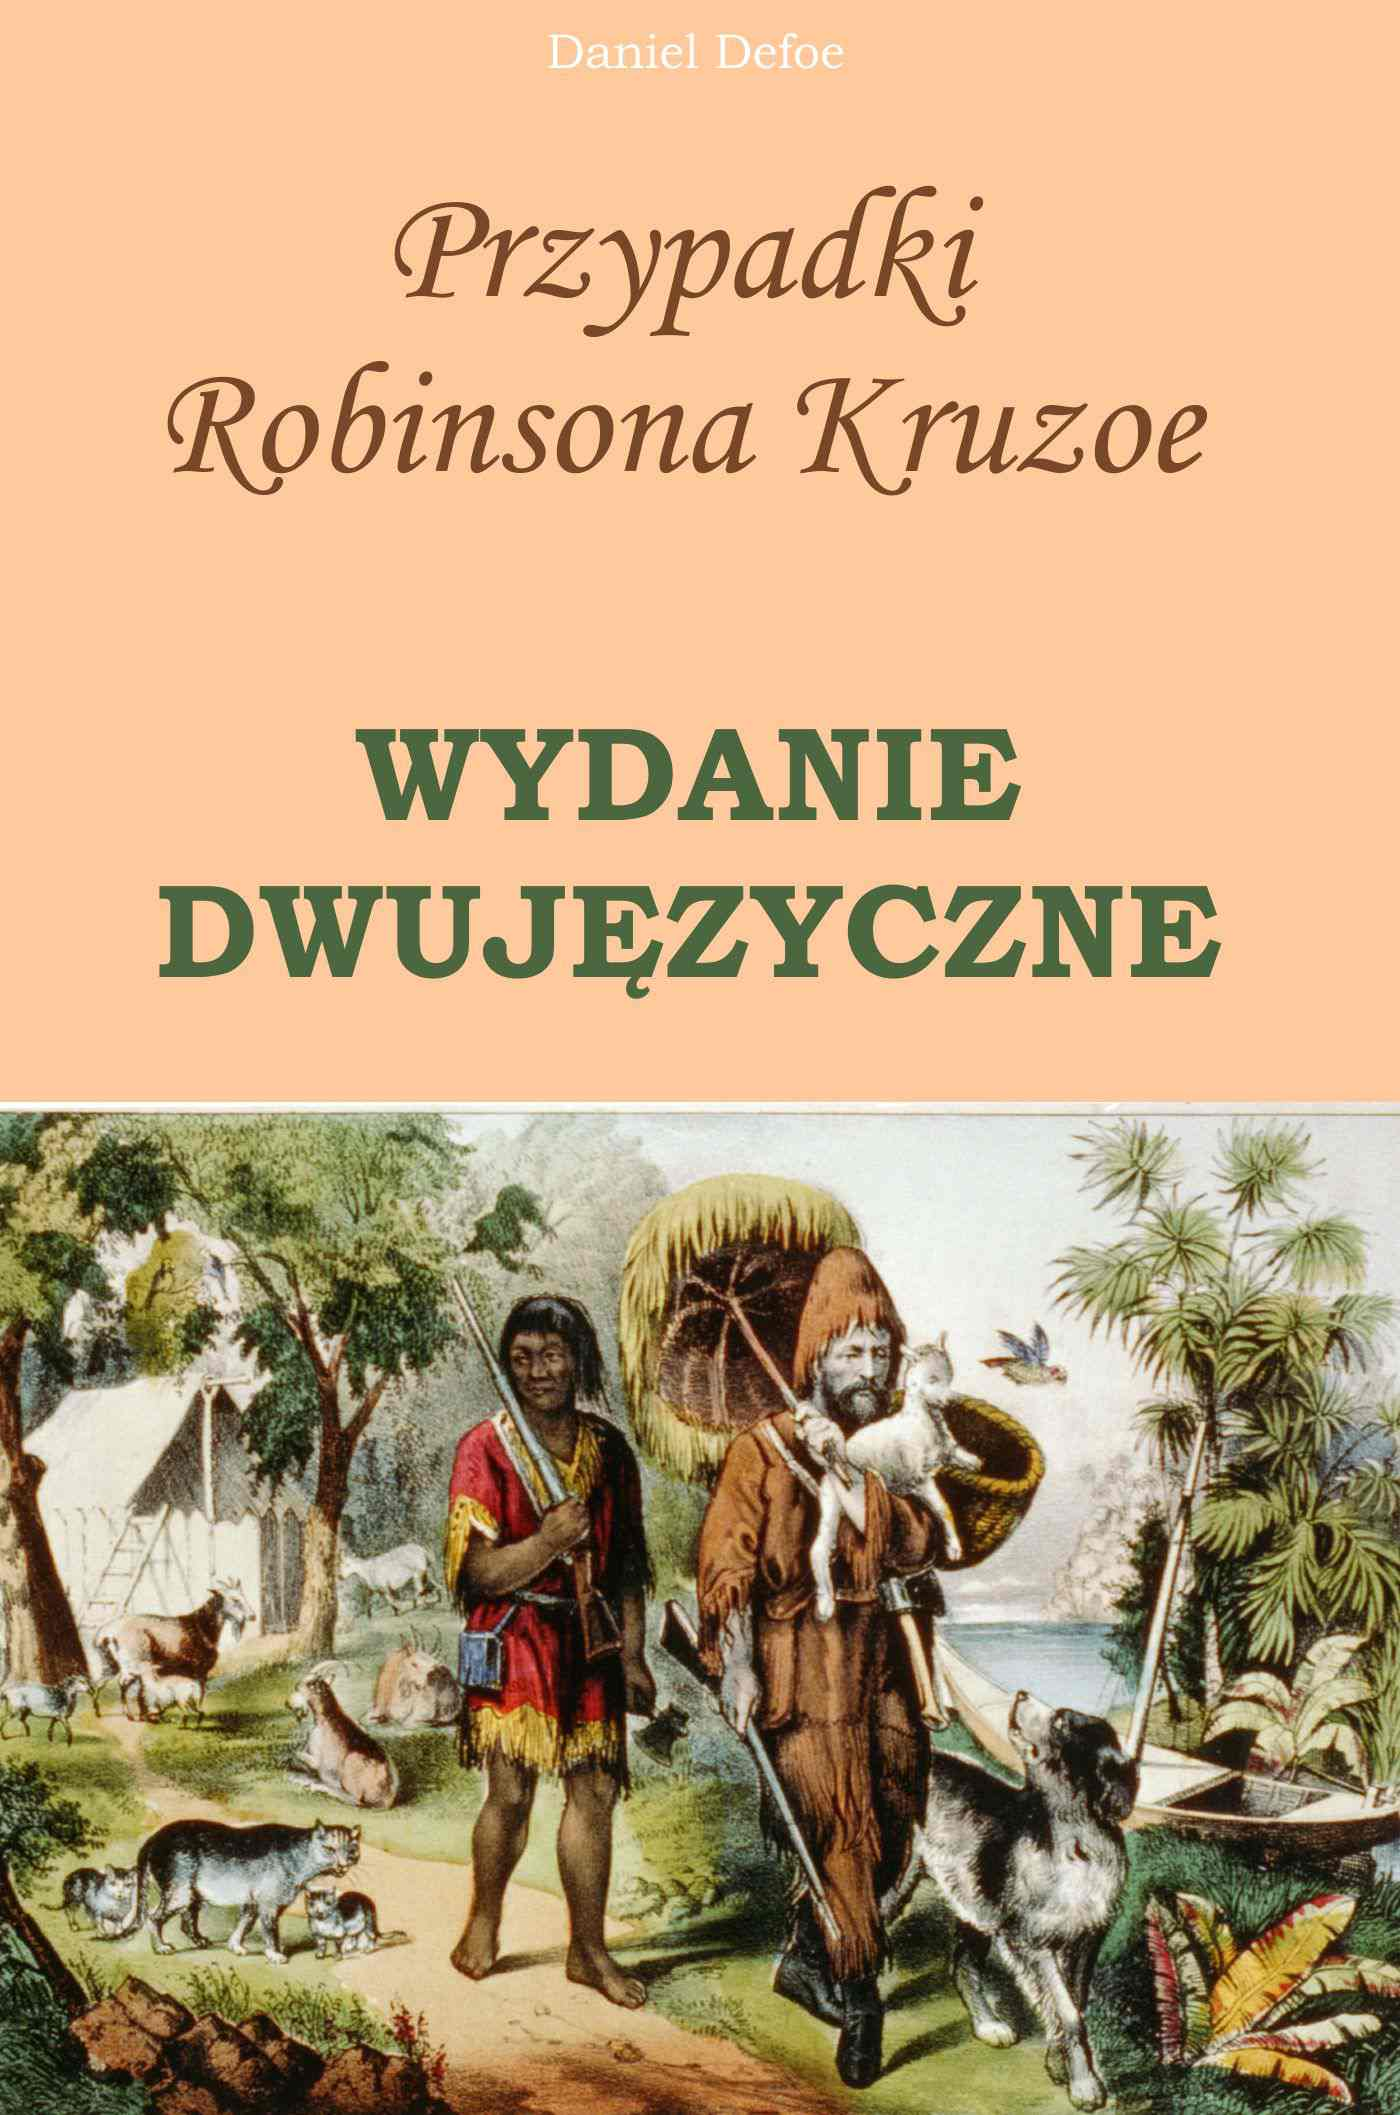 Przypadki Robinsona Kruzoe. Wydanie dwujęzyczne - Ebook (Książka PDF) do pobrania w formacie PDF